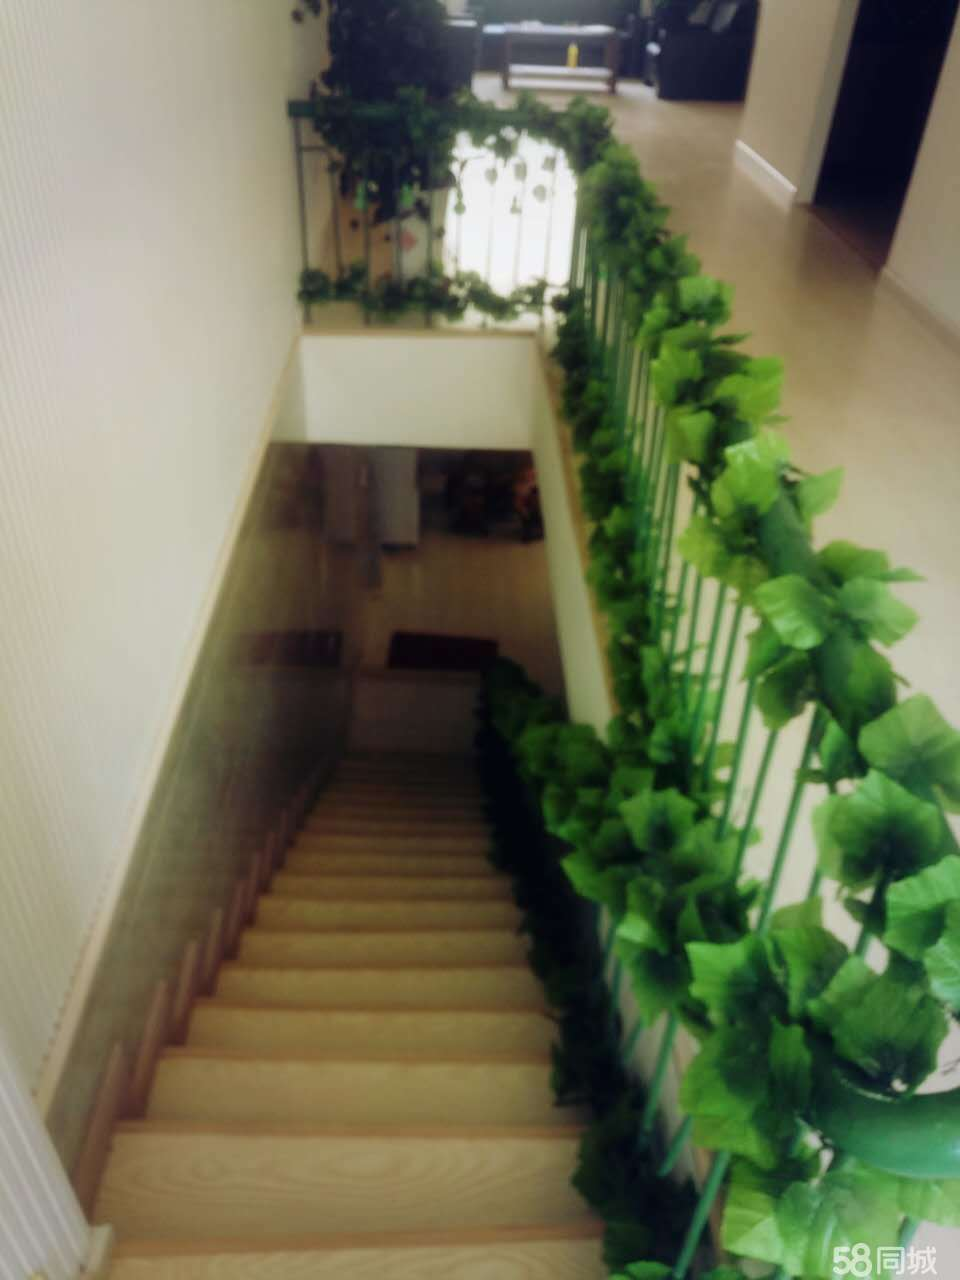 翠海花园翠海花园步行门市2楼豪华装修年付